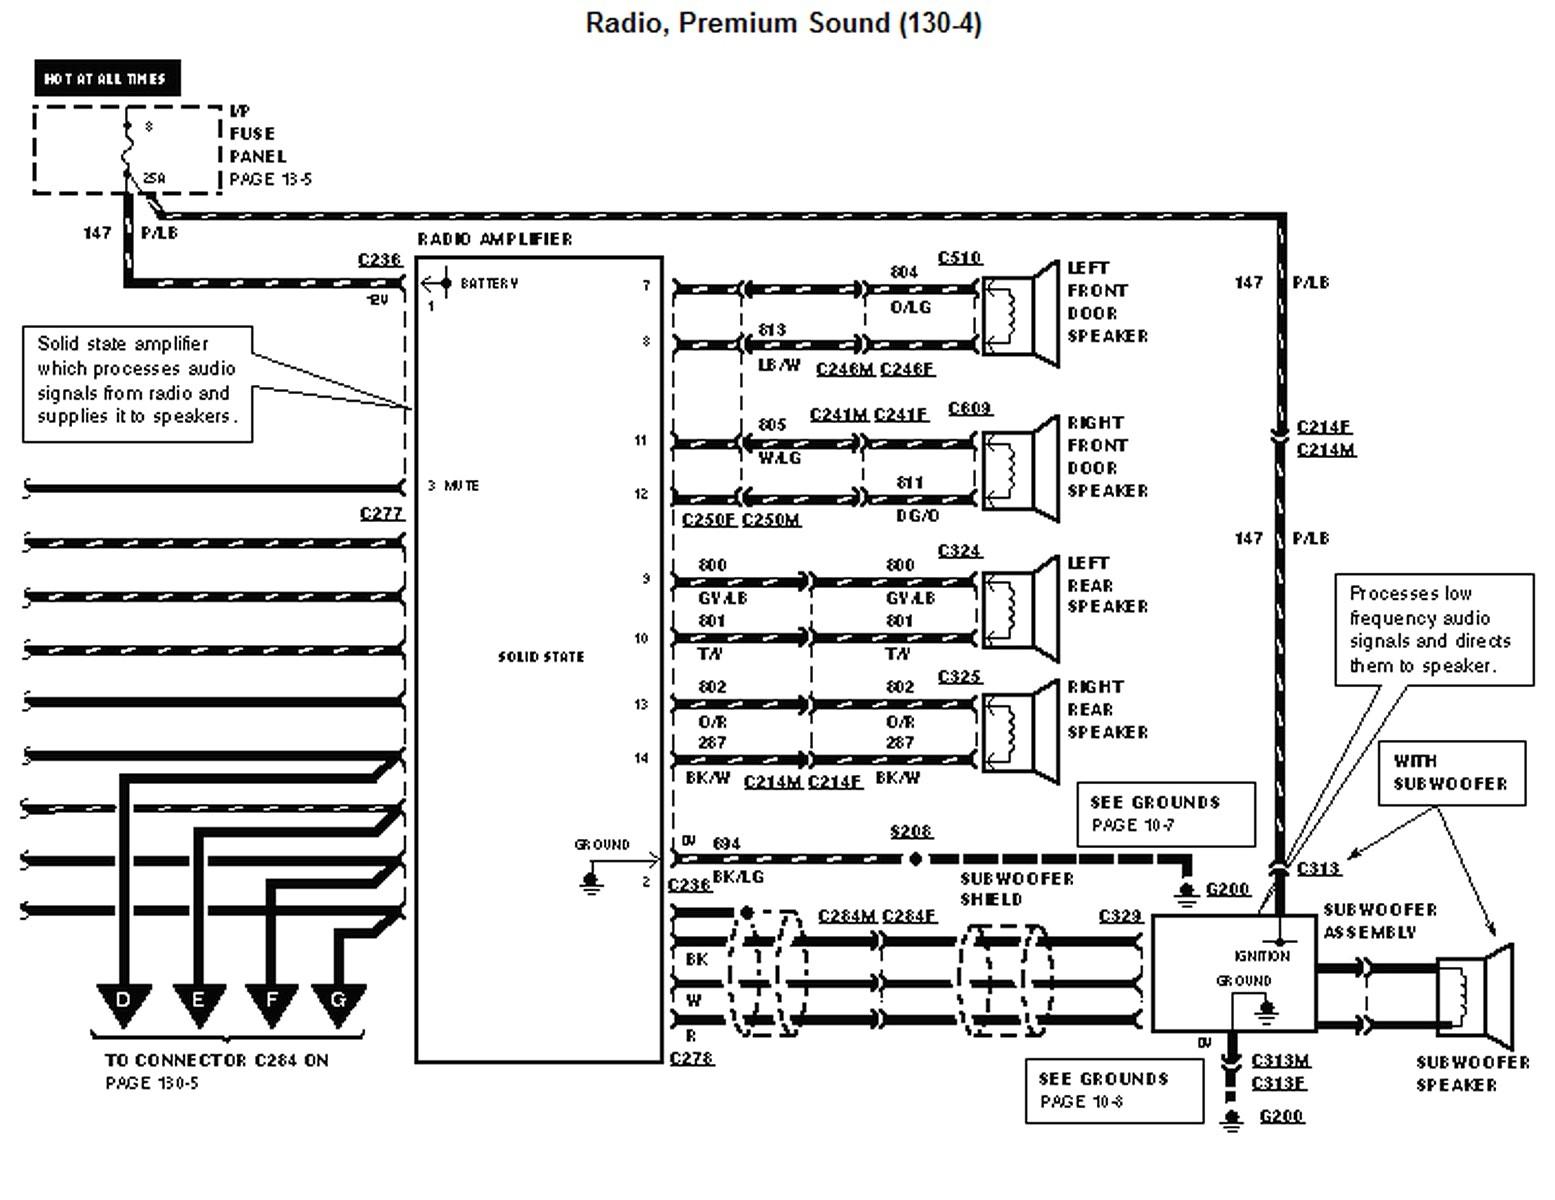 2004 Ford F250 Radio Wiring Diagram 1994 F150 Luxury Awesome 1995 - Ford F250 Stereo Wiring Diagram